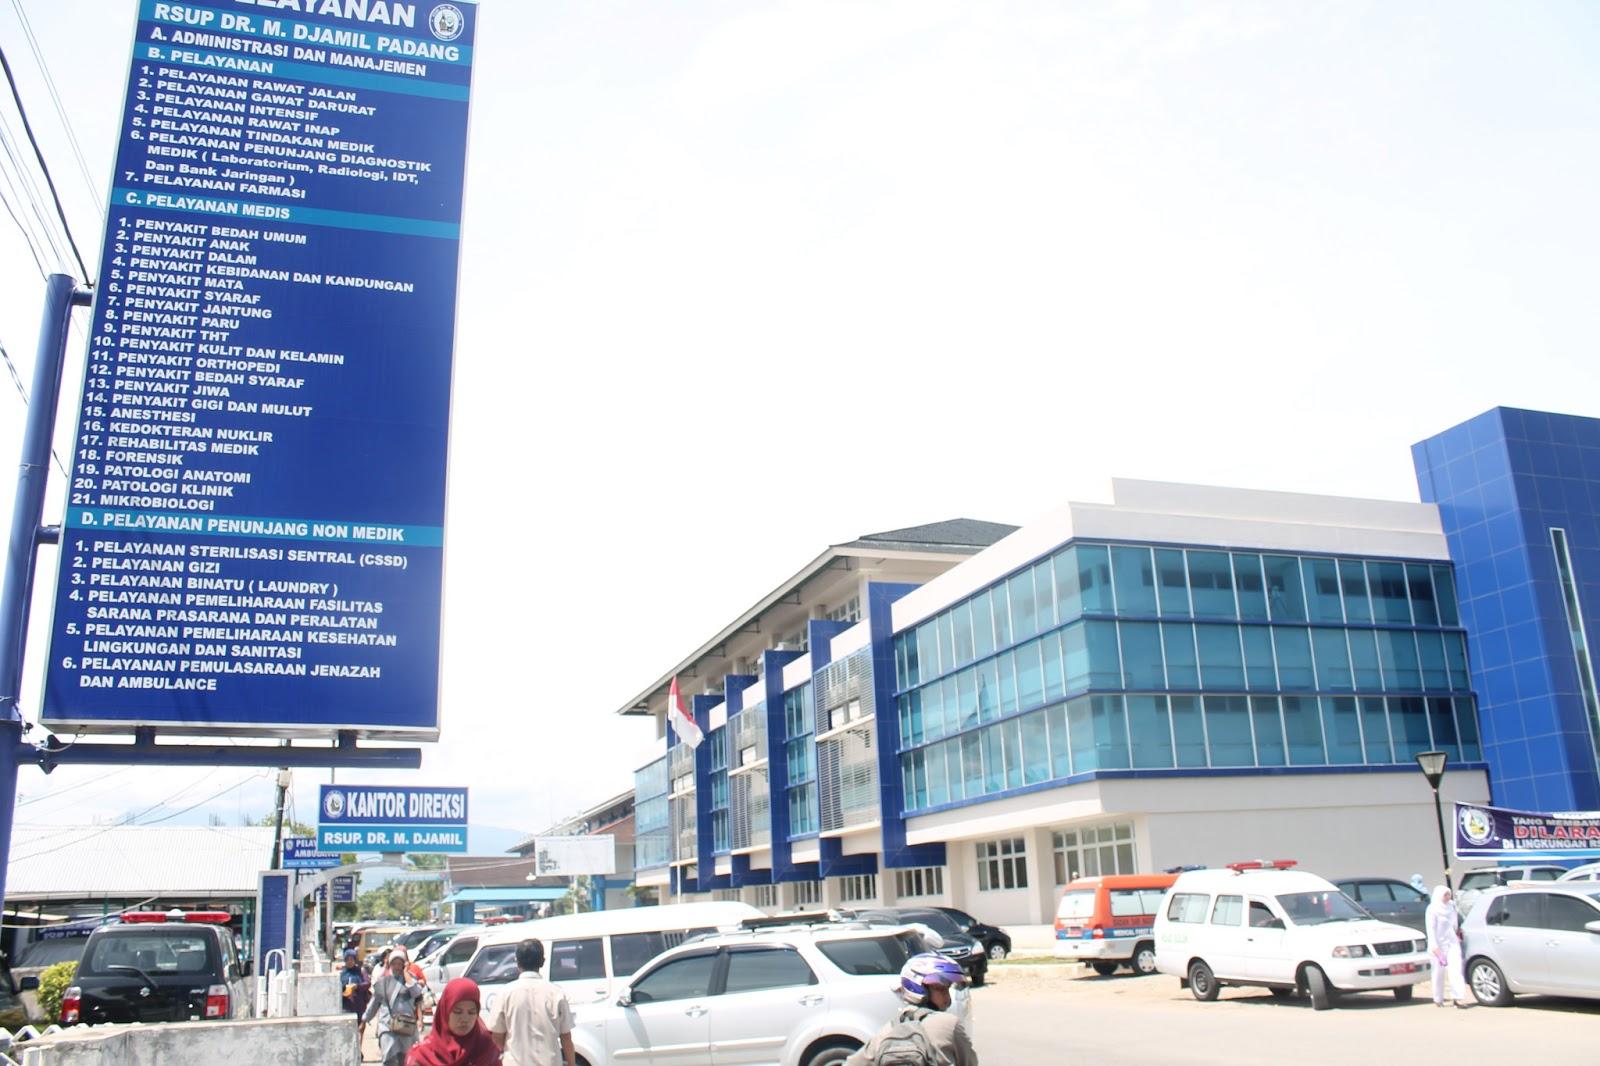 RS M. Djamil Kota Padang. FOTO/JUSTICE SUMBAR